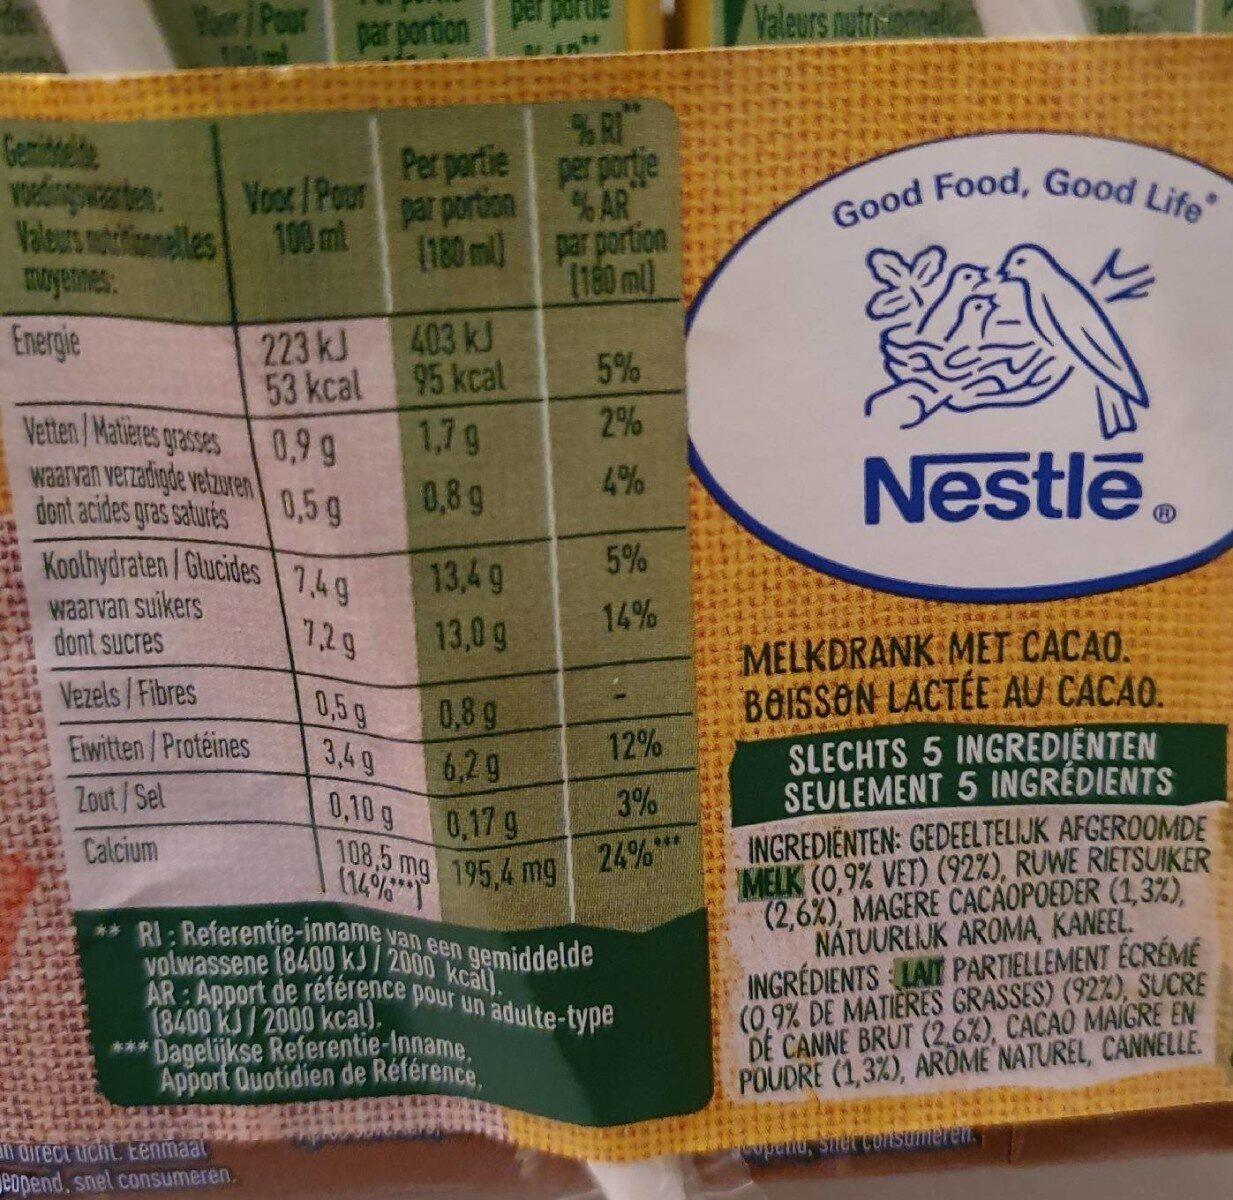 Nesquik All Natural Cacao - Voedingswaarden - fr